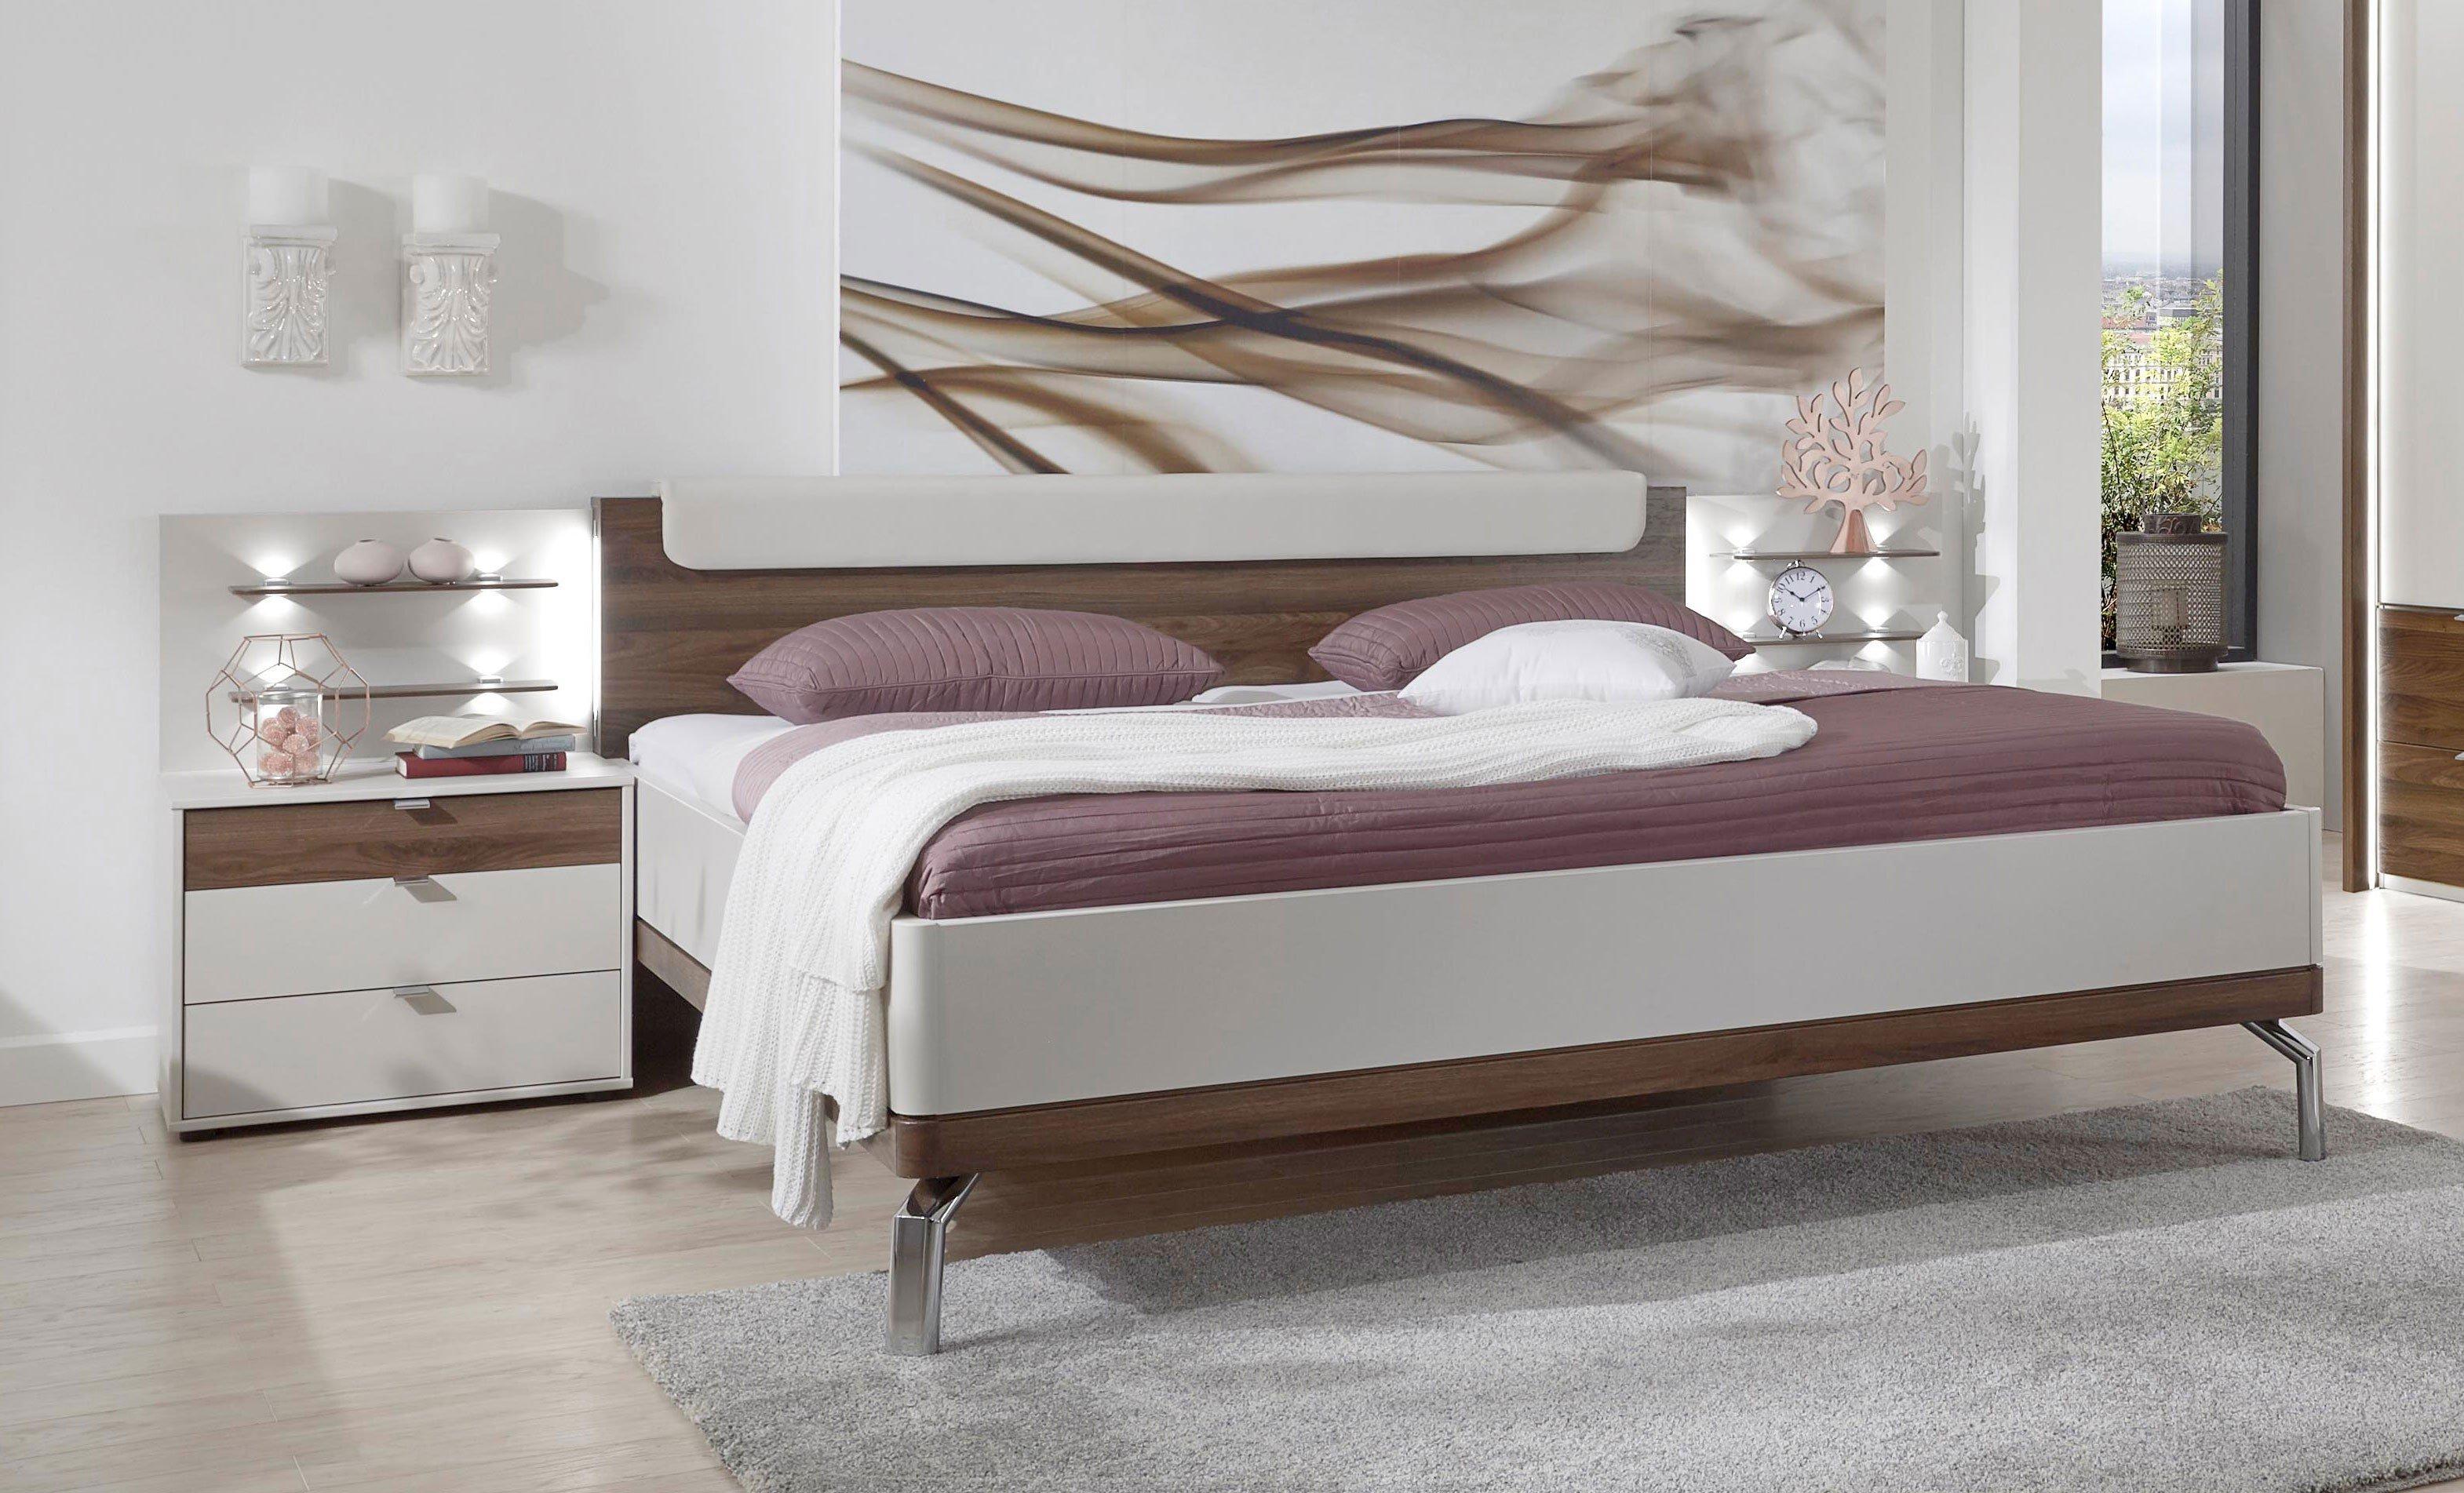 wiemann catania schlafzimmer-set 4-teilig | möbel letz - ihr